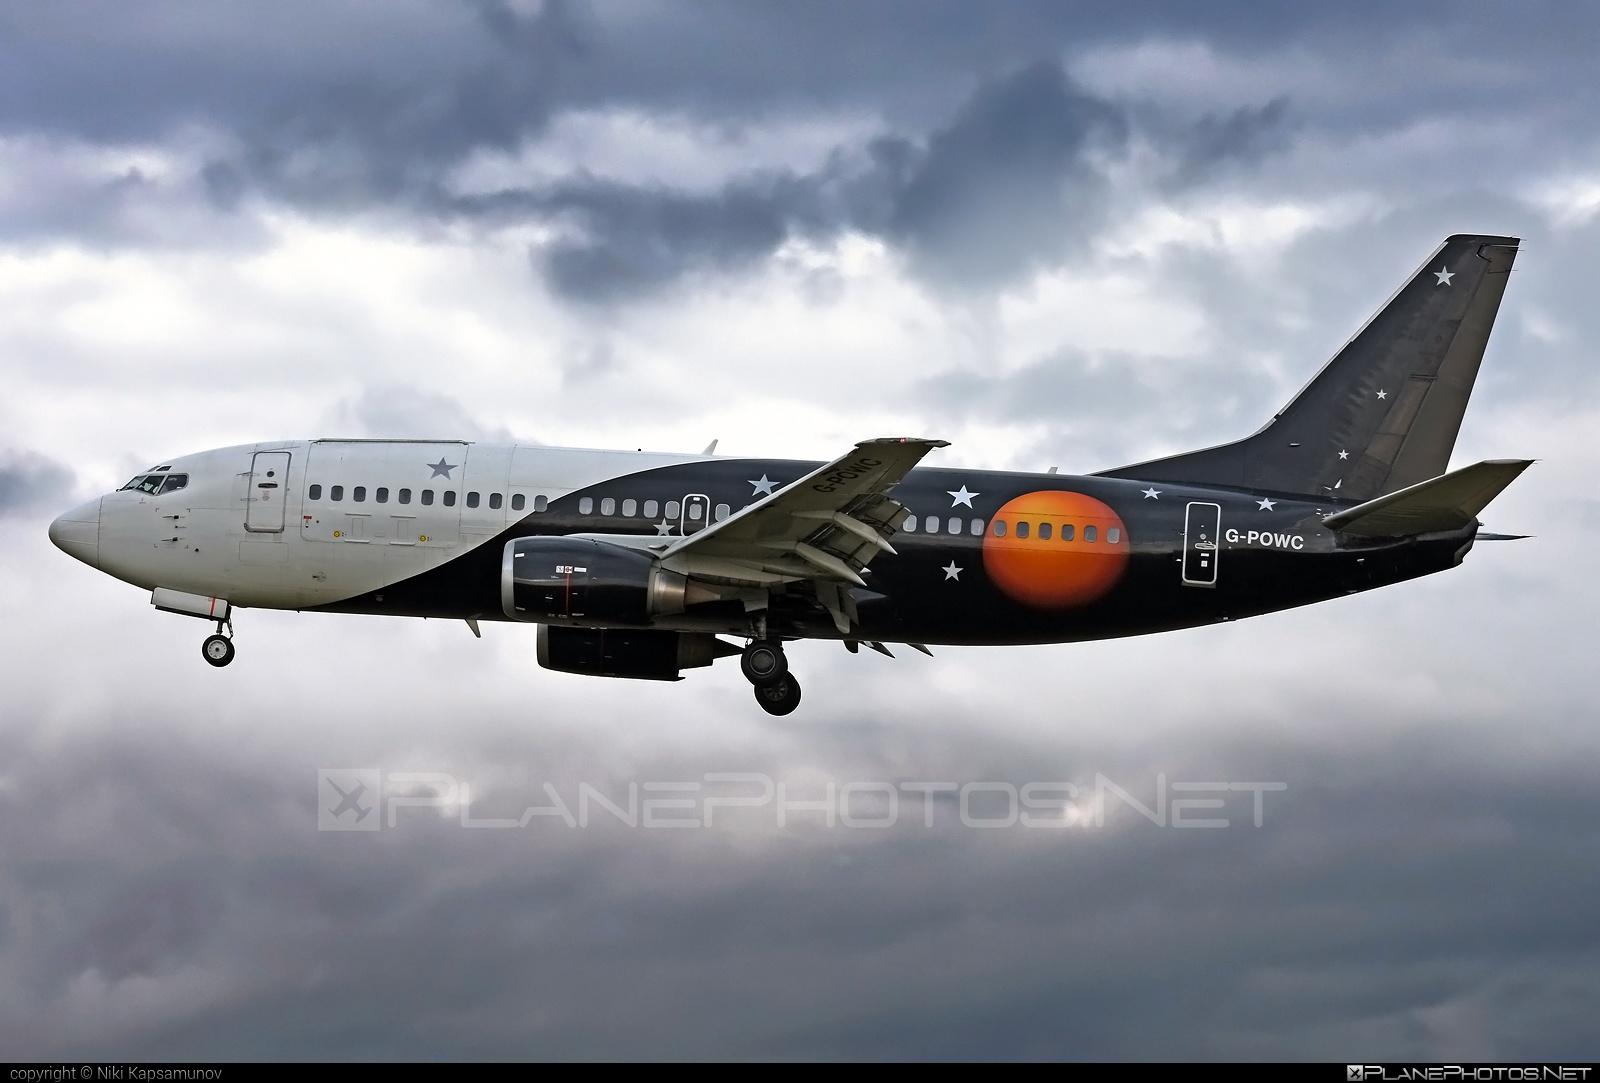 Boeing 737-300QC - G-POWC operated by Titan Airways #b737 #b737qc #boeing #boeing737 #titanairways